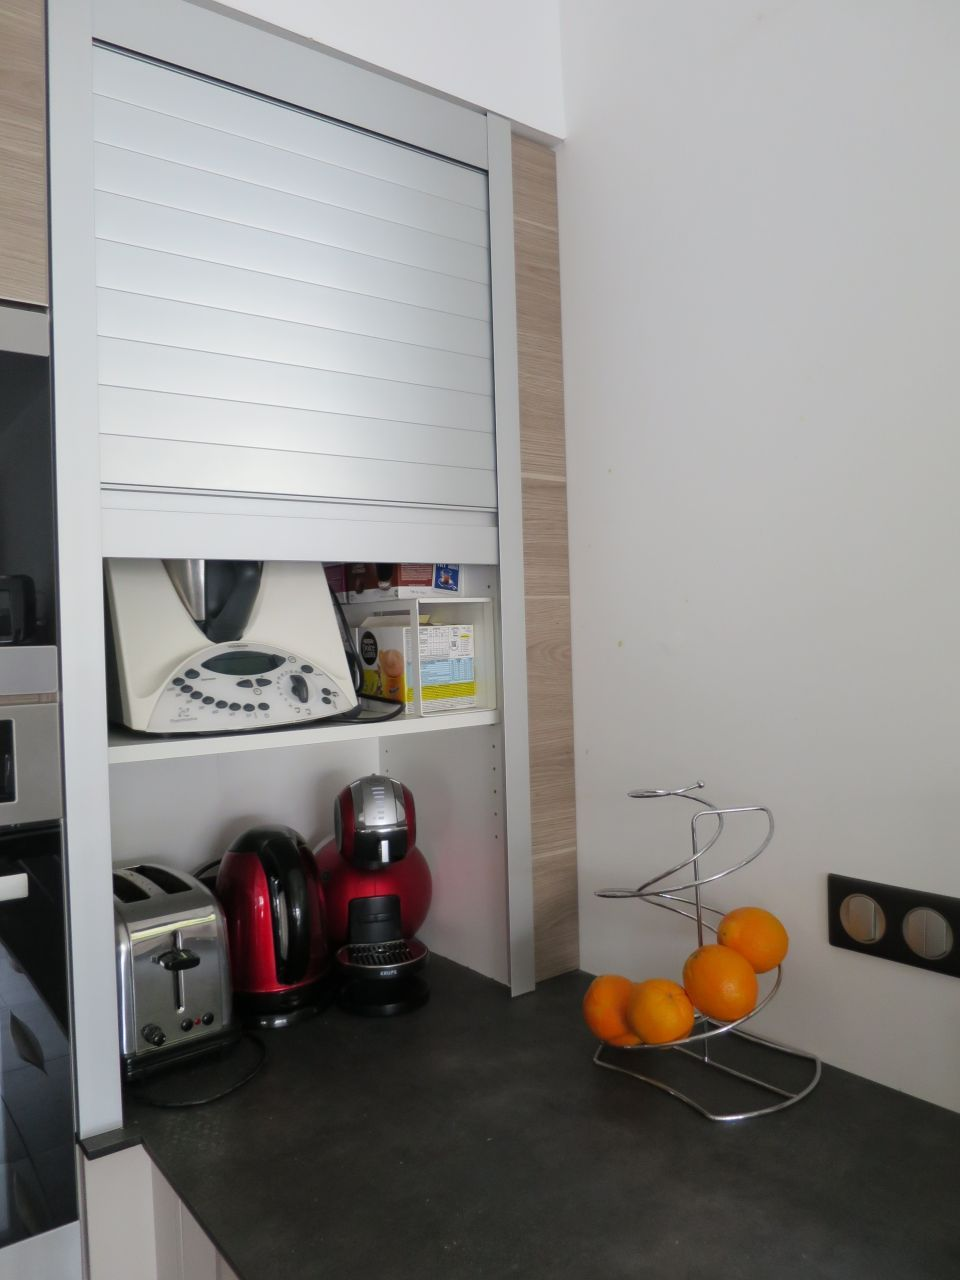 meuble jalousie il tait une fois par garanceisa sur cuisine. Black Bedroom Furniture Sets. Home Design Ideas